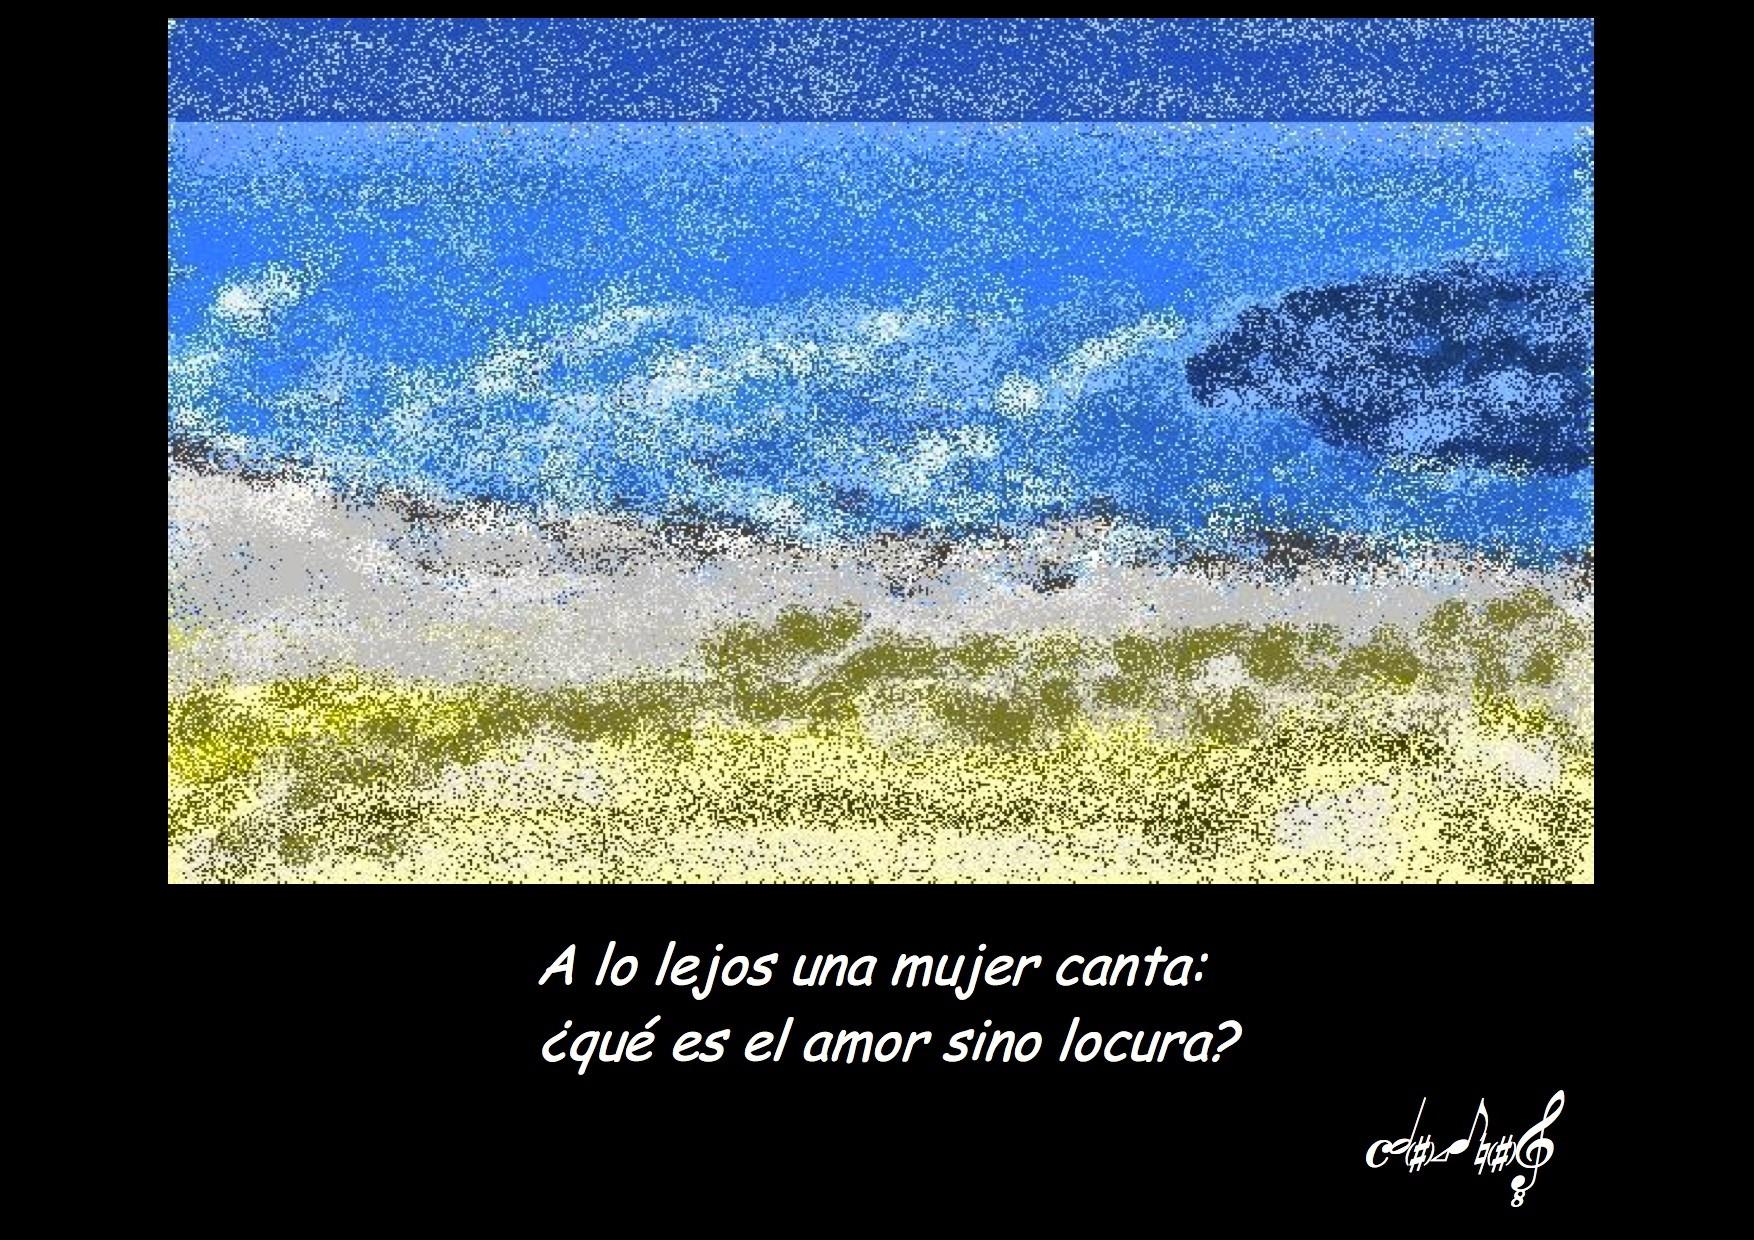 POEMAS_PINTURAS_alolejos de_Chalena